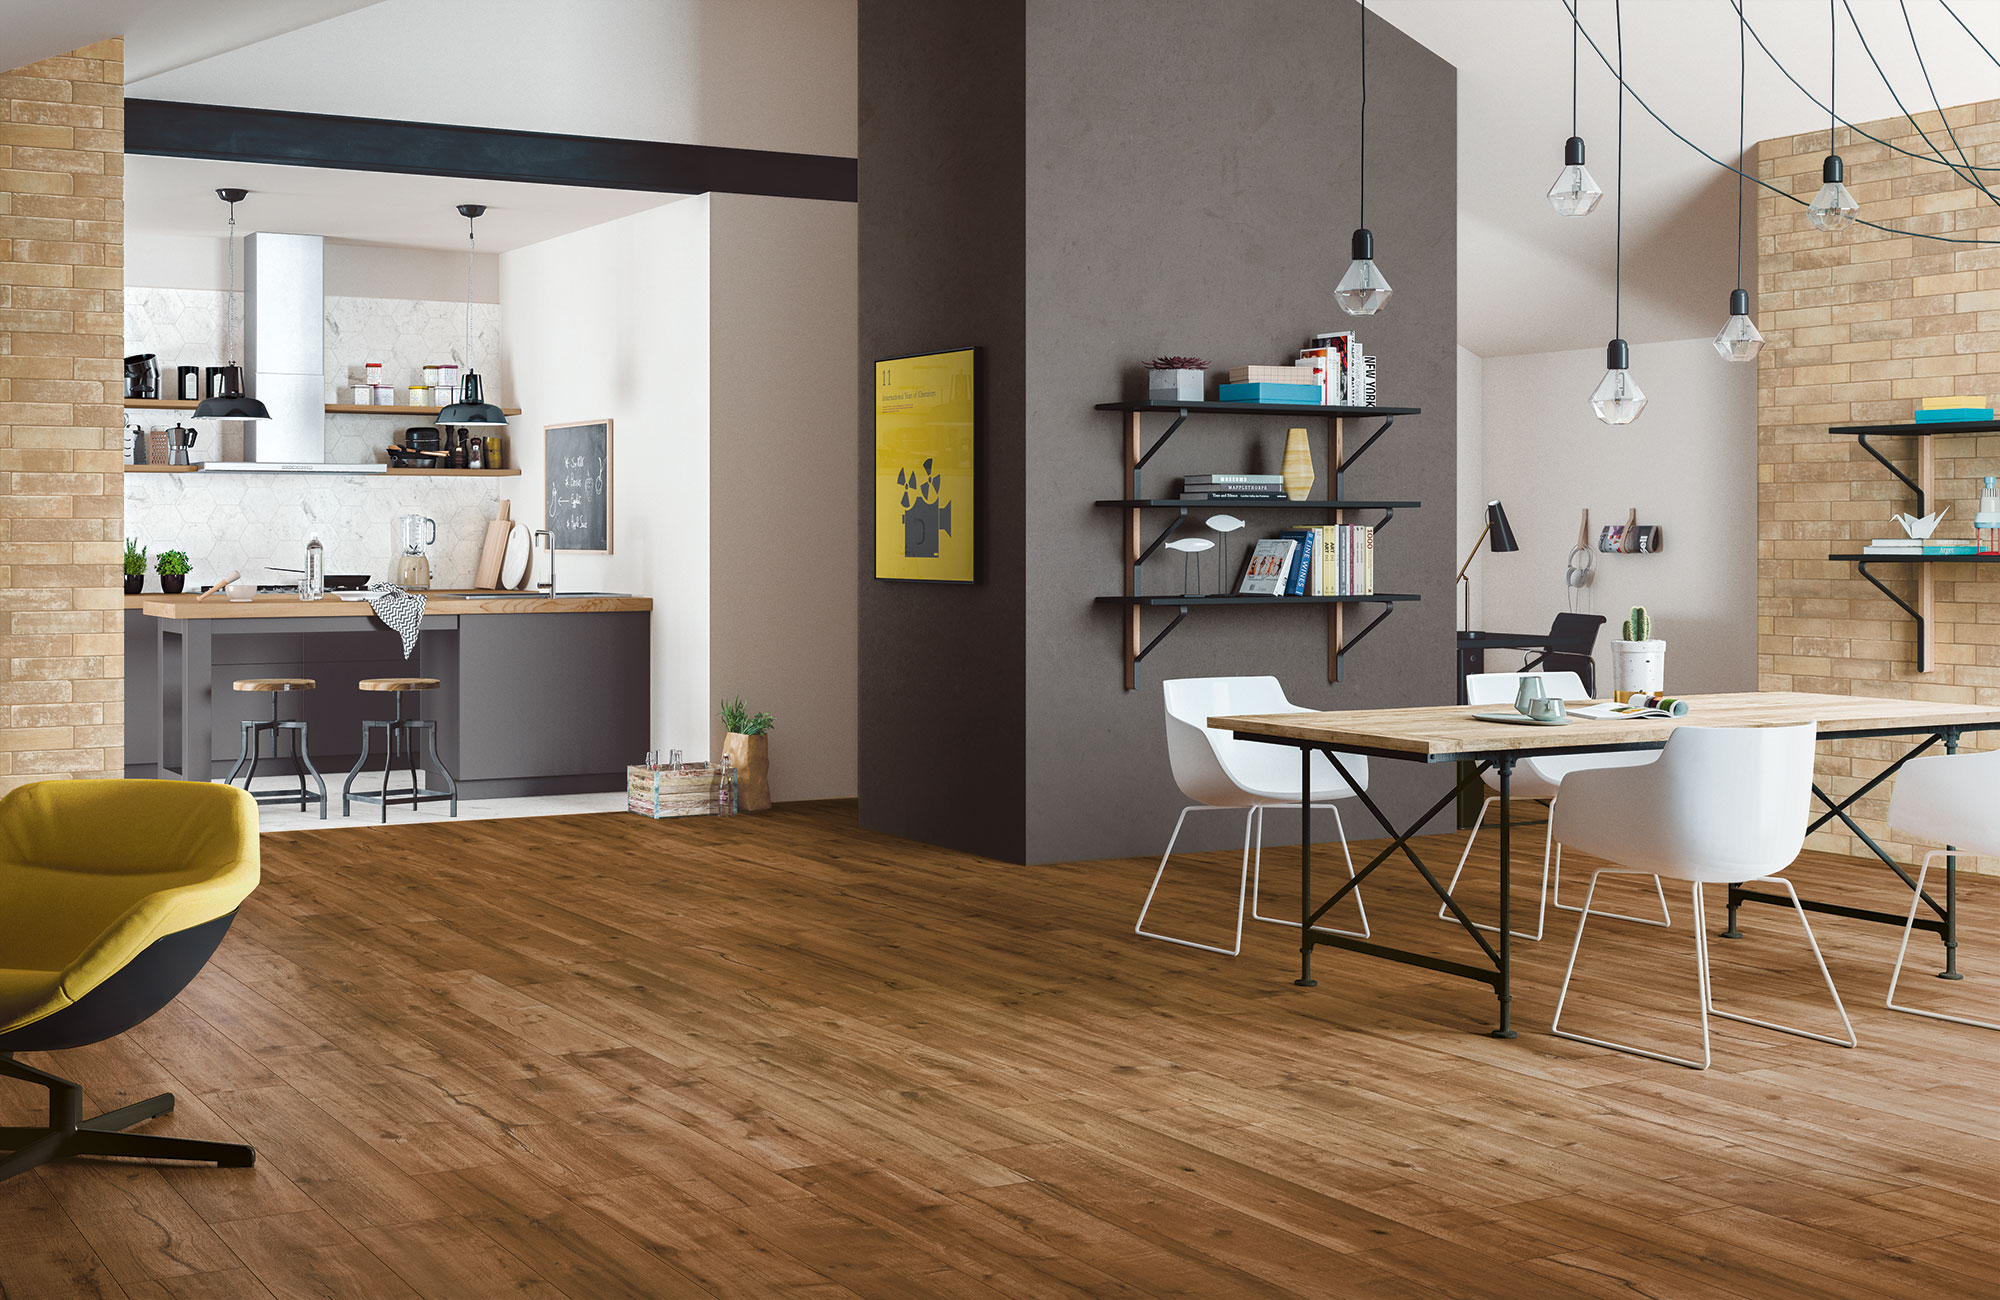 Soluciones efecto madera gres porcel nico esmaltado ditail - Gres esmaltado ...